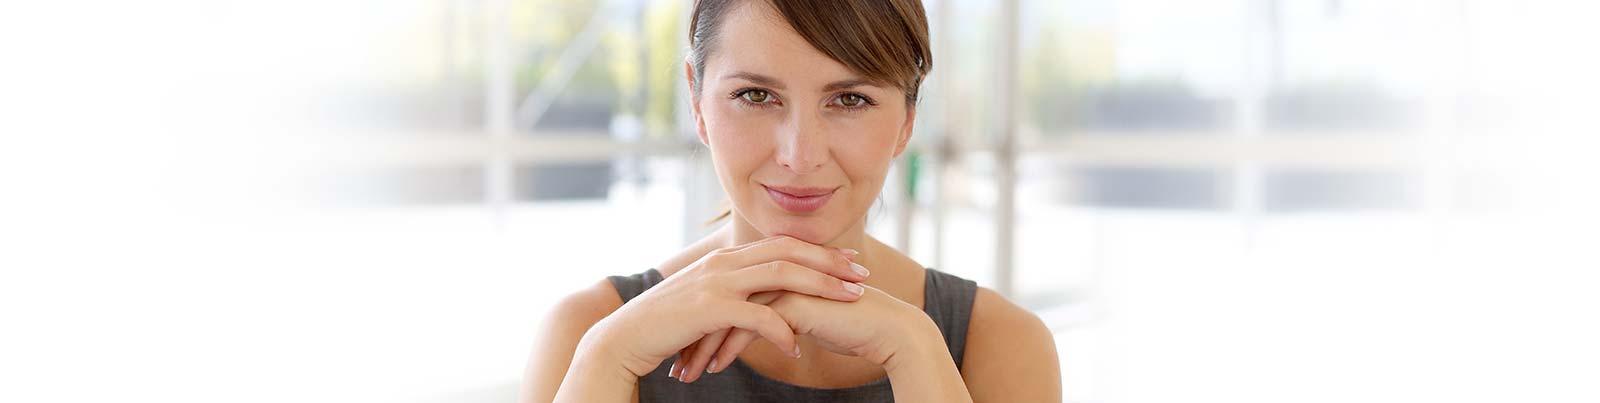 client-woman-bg-centered-smaller-lighter